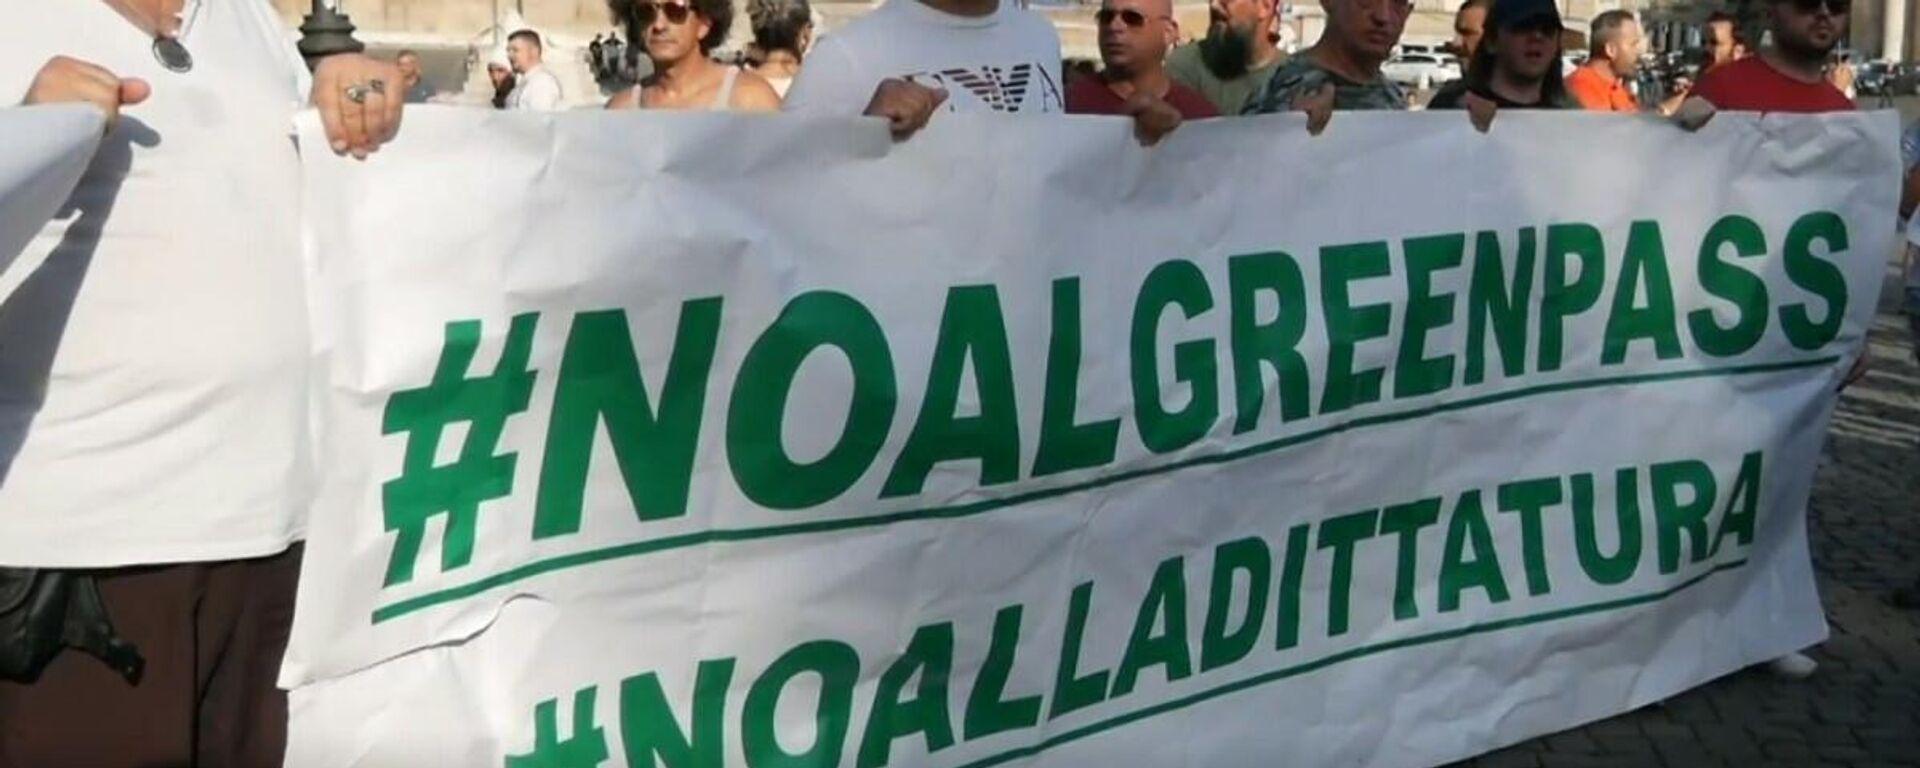 No Green Pass: manifestazione in piazza del Popolo - Sputnik Italia, 1920, 01.08.2021